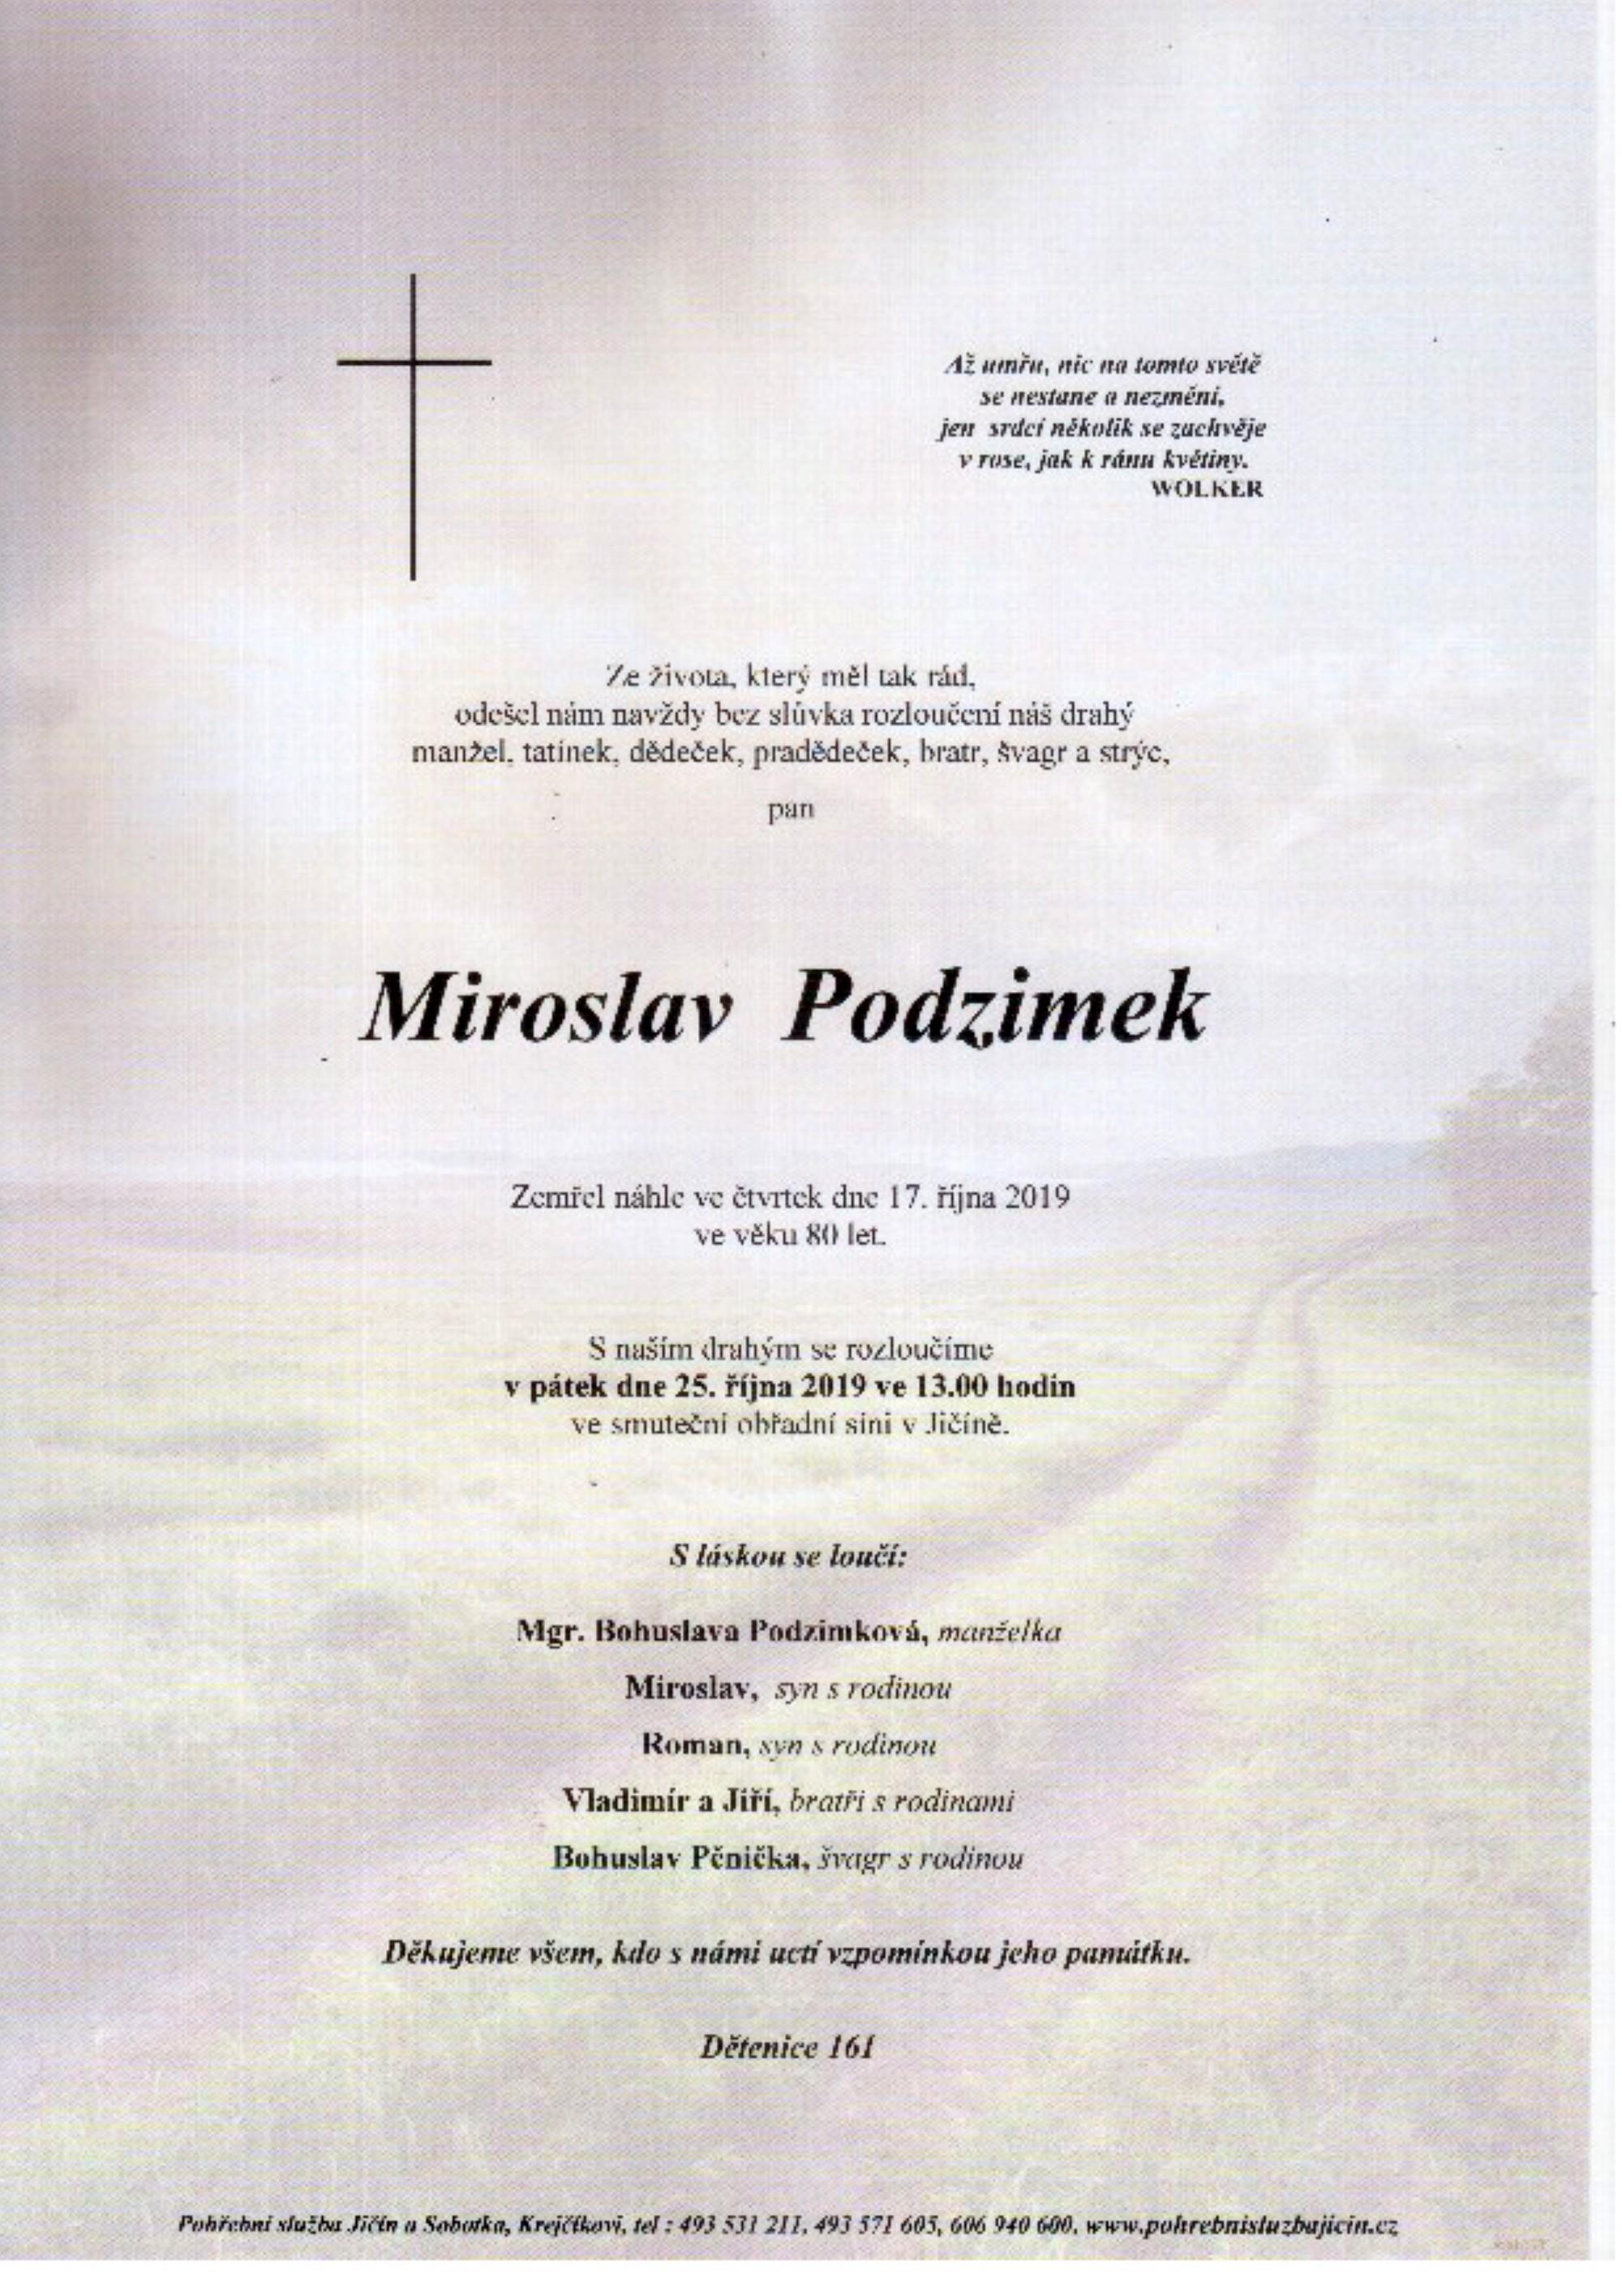 Miroslav Podzimek